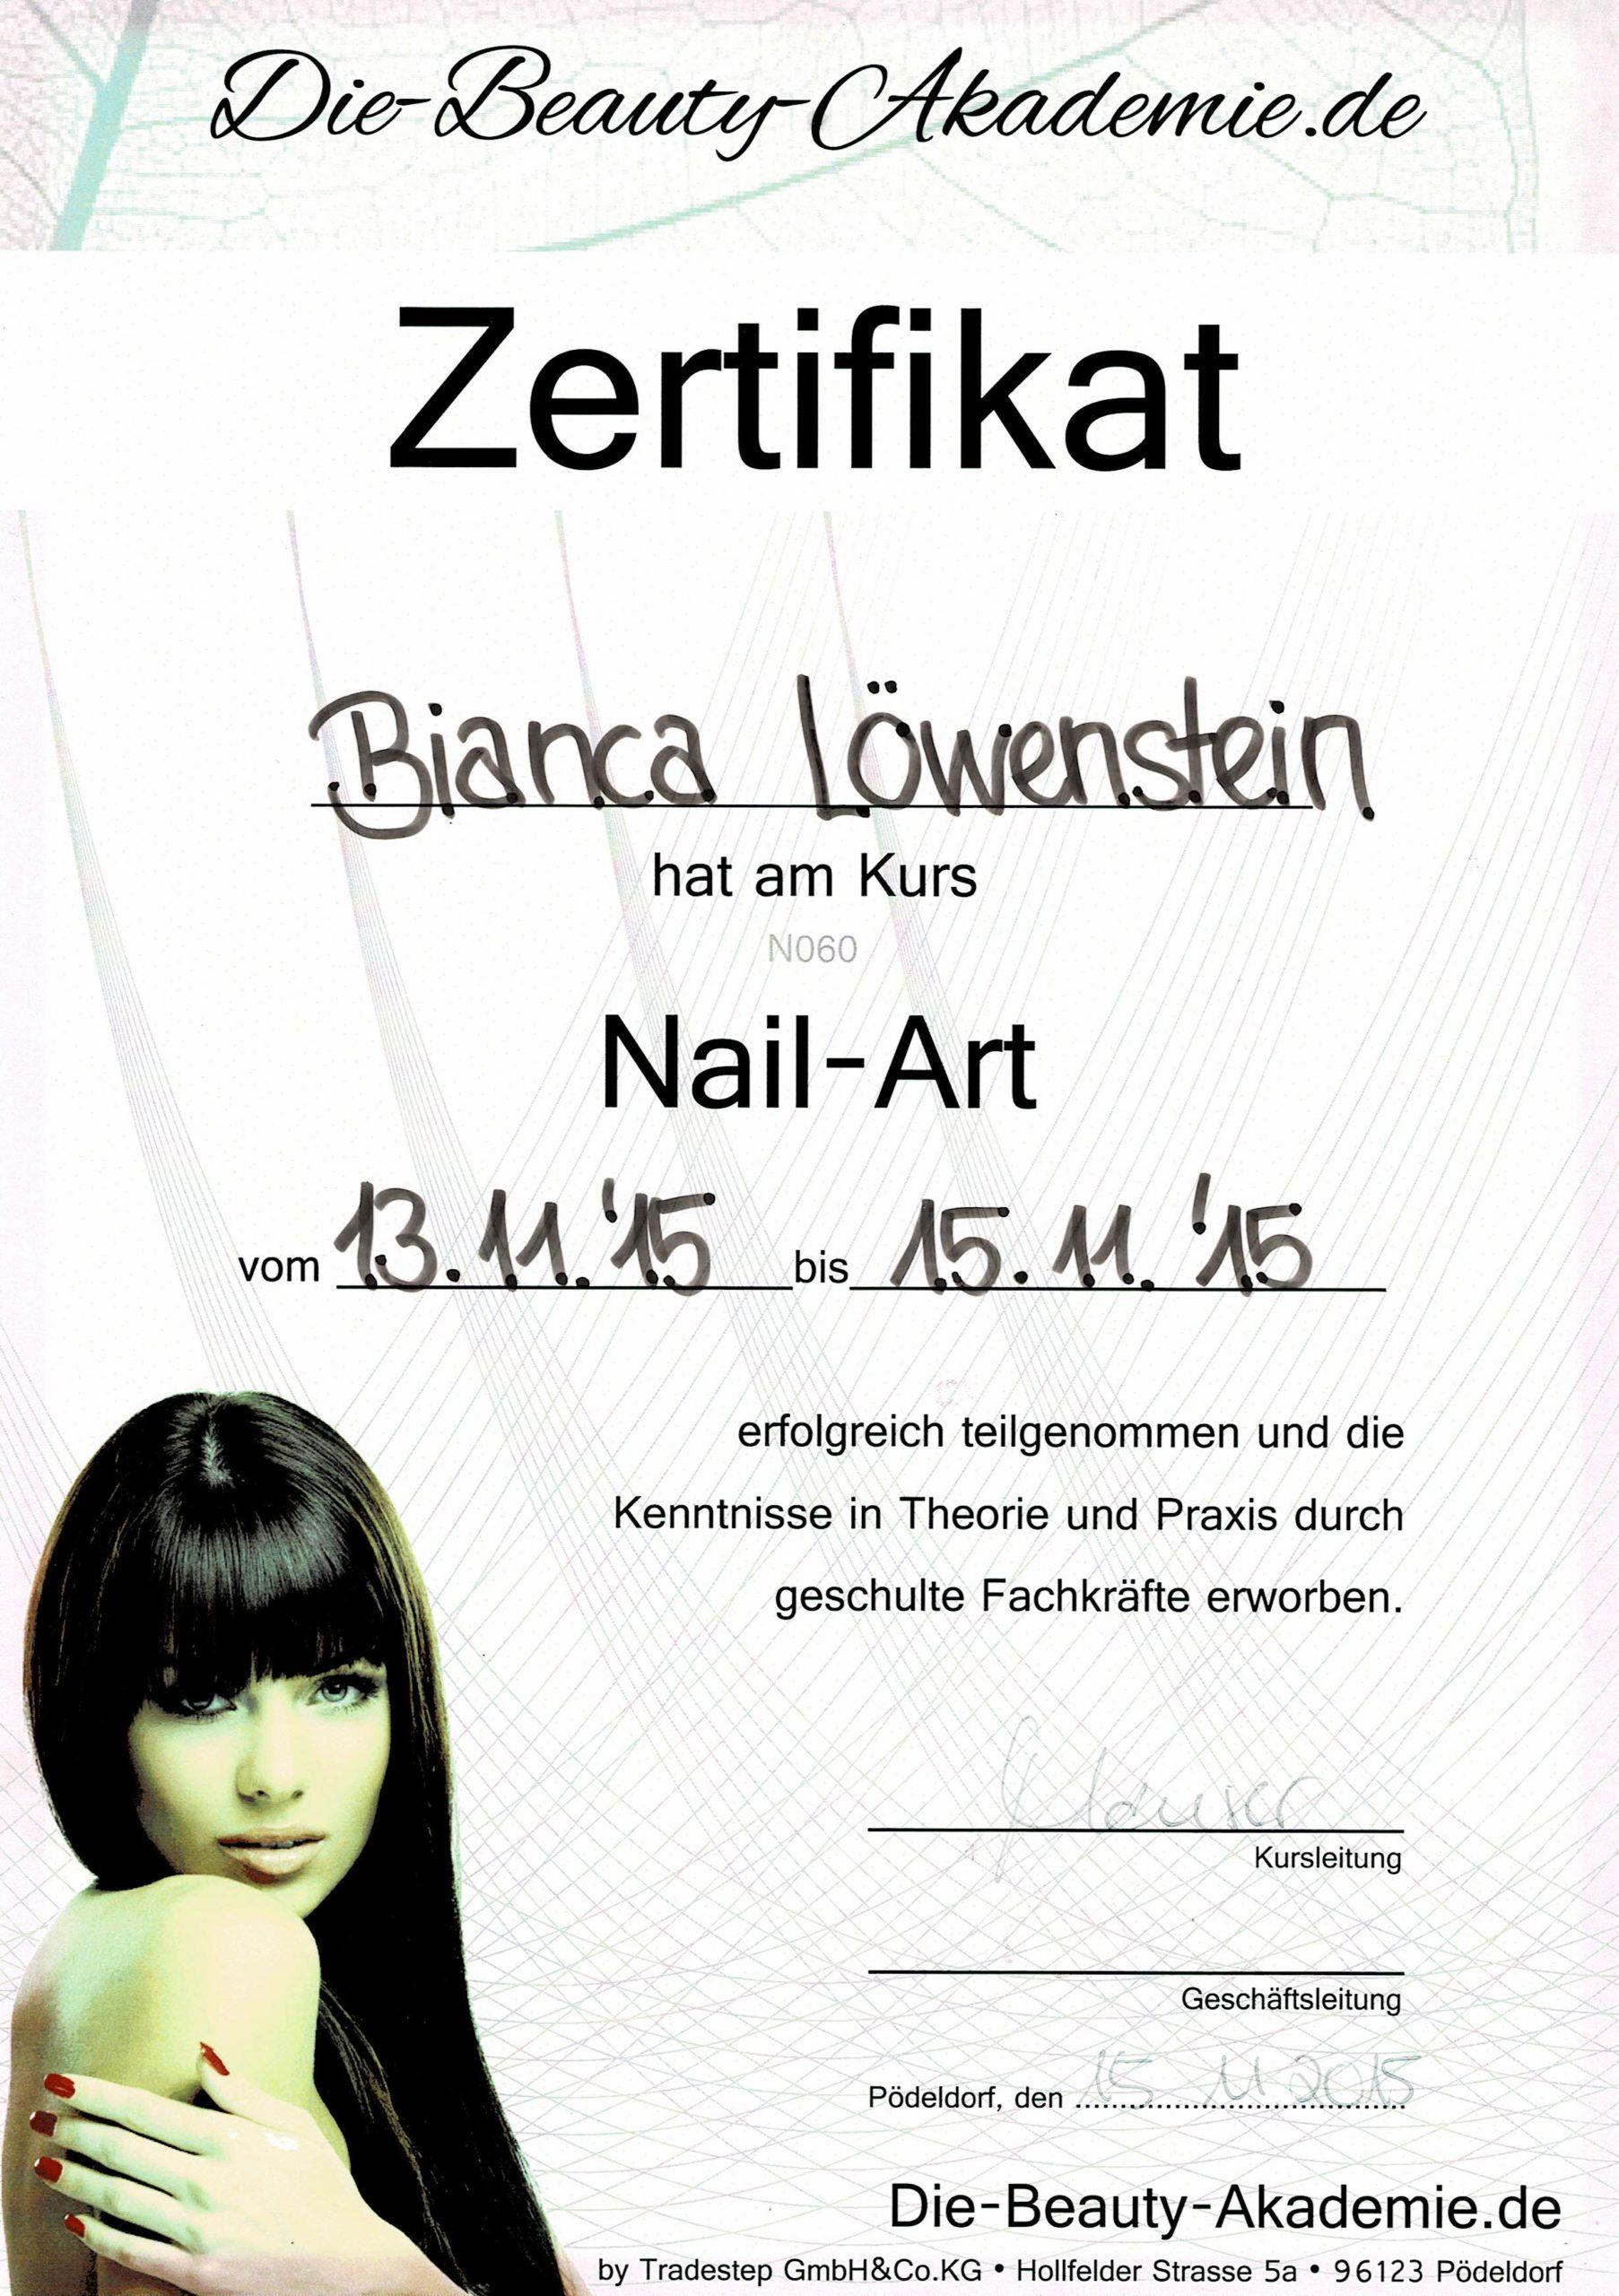 Zertifikat der Beauty Akademie für Nail-Art